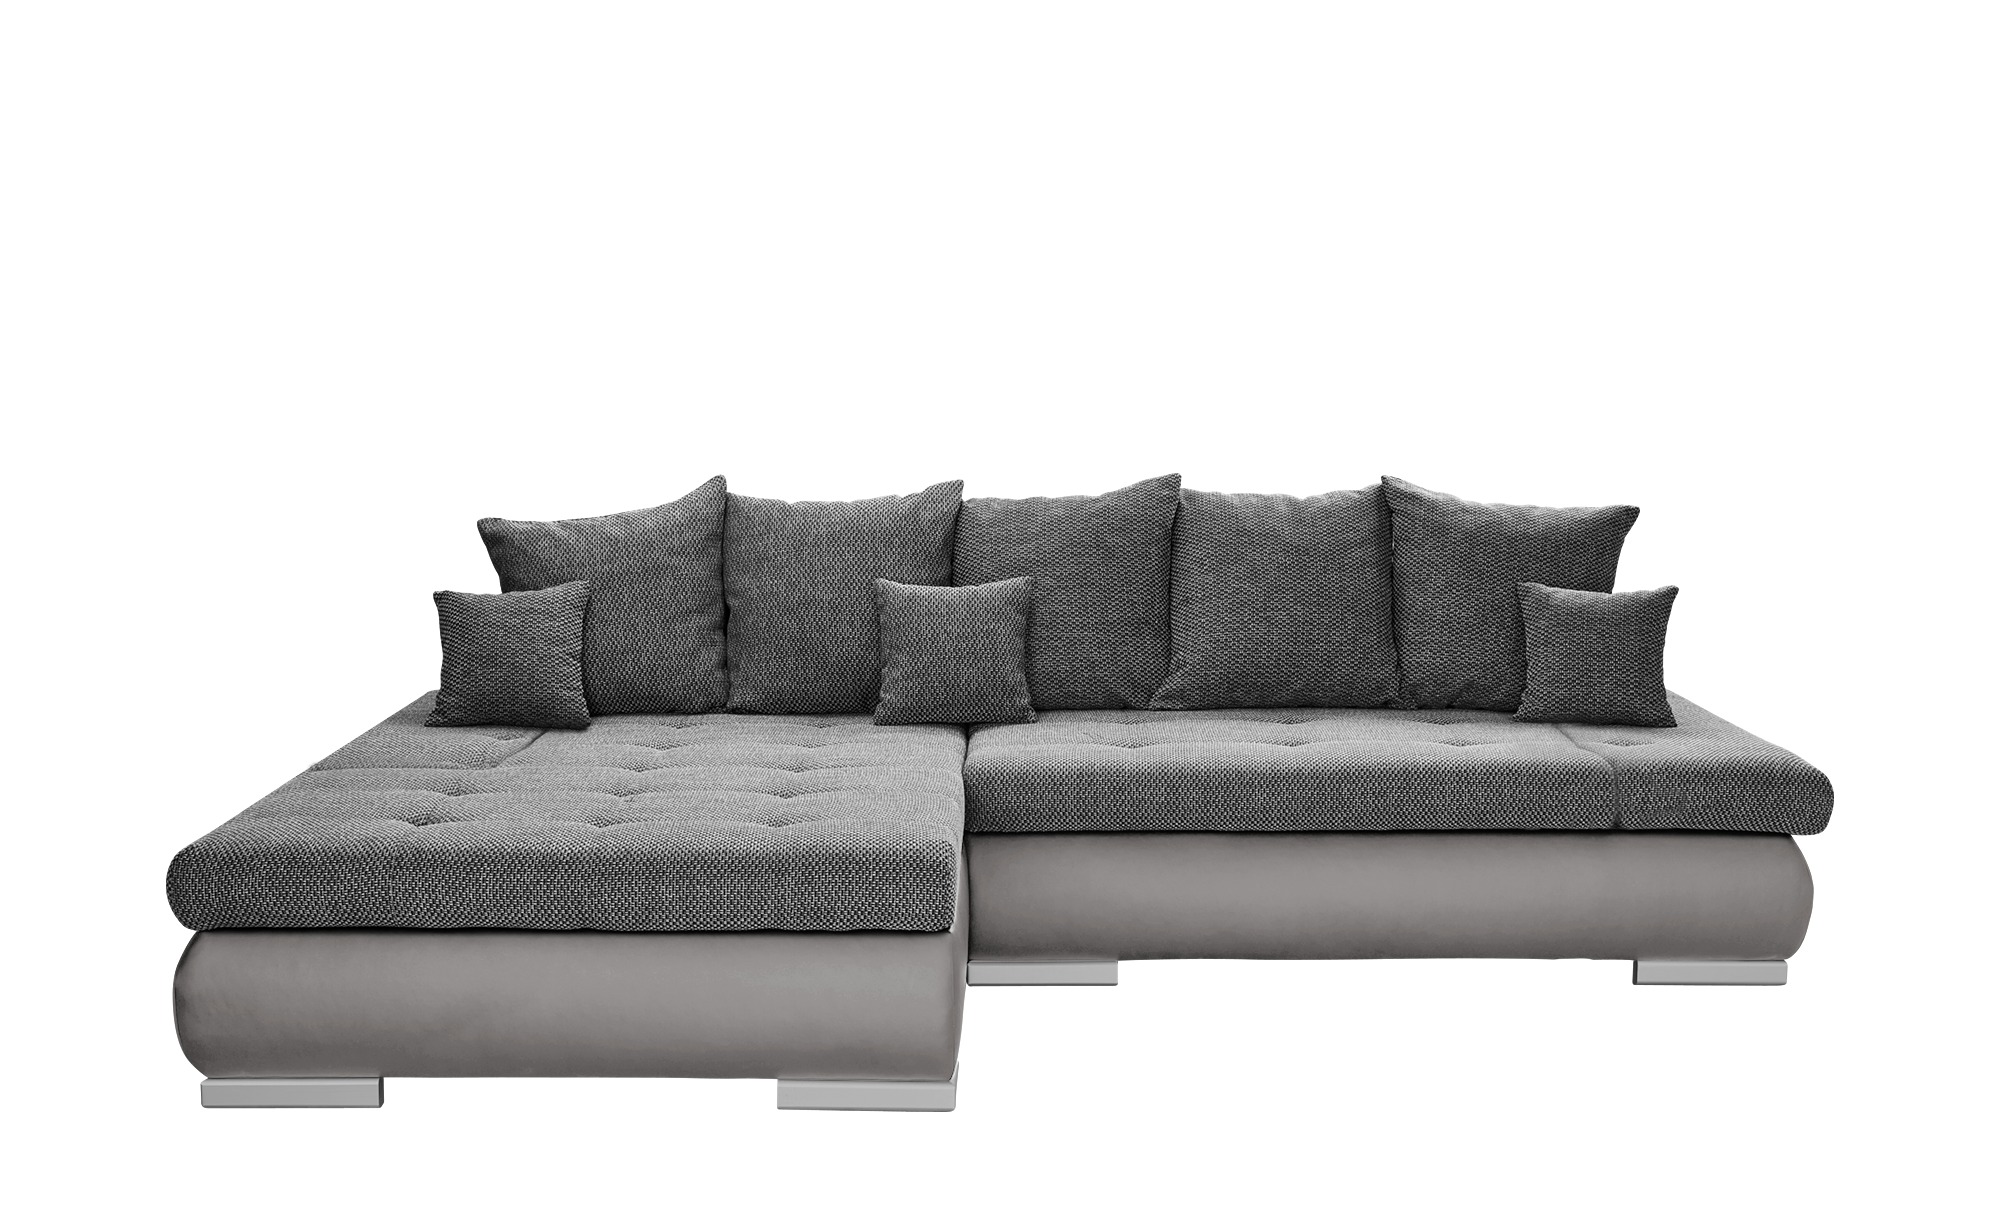 Switch Eckcouch Grau Kunstleder Webstoff Ivan Big Sofas Couch